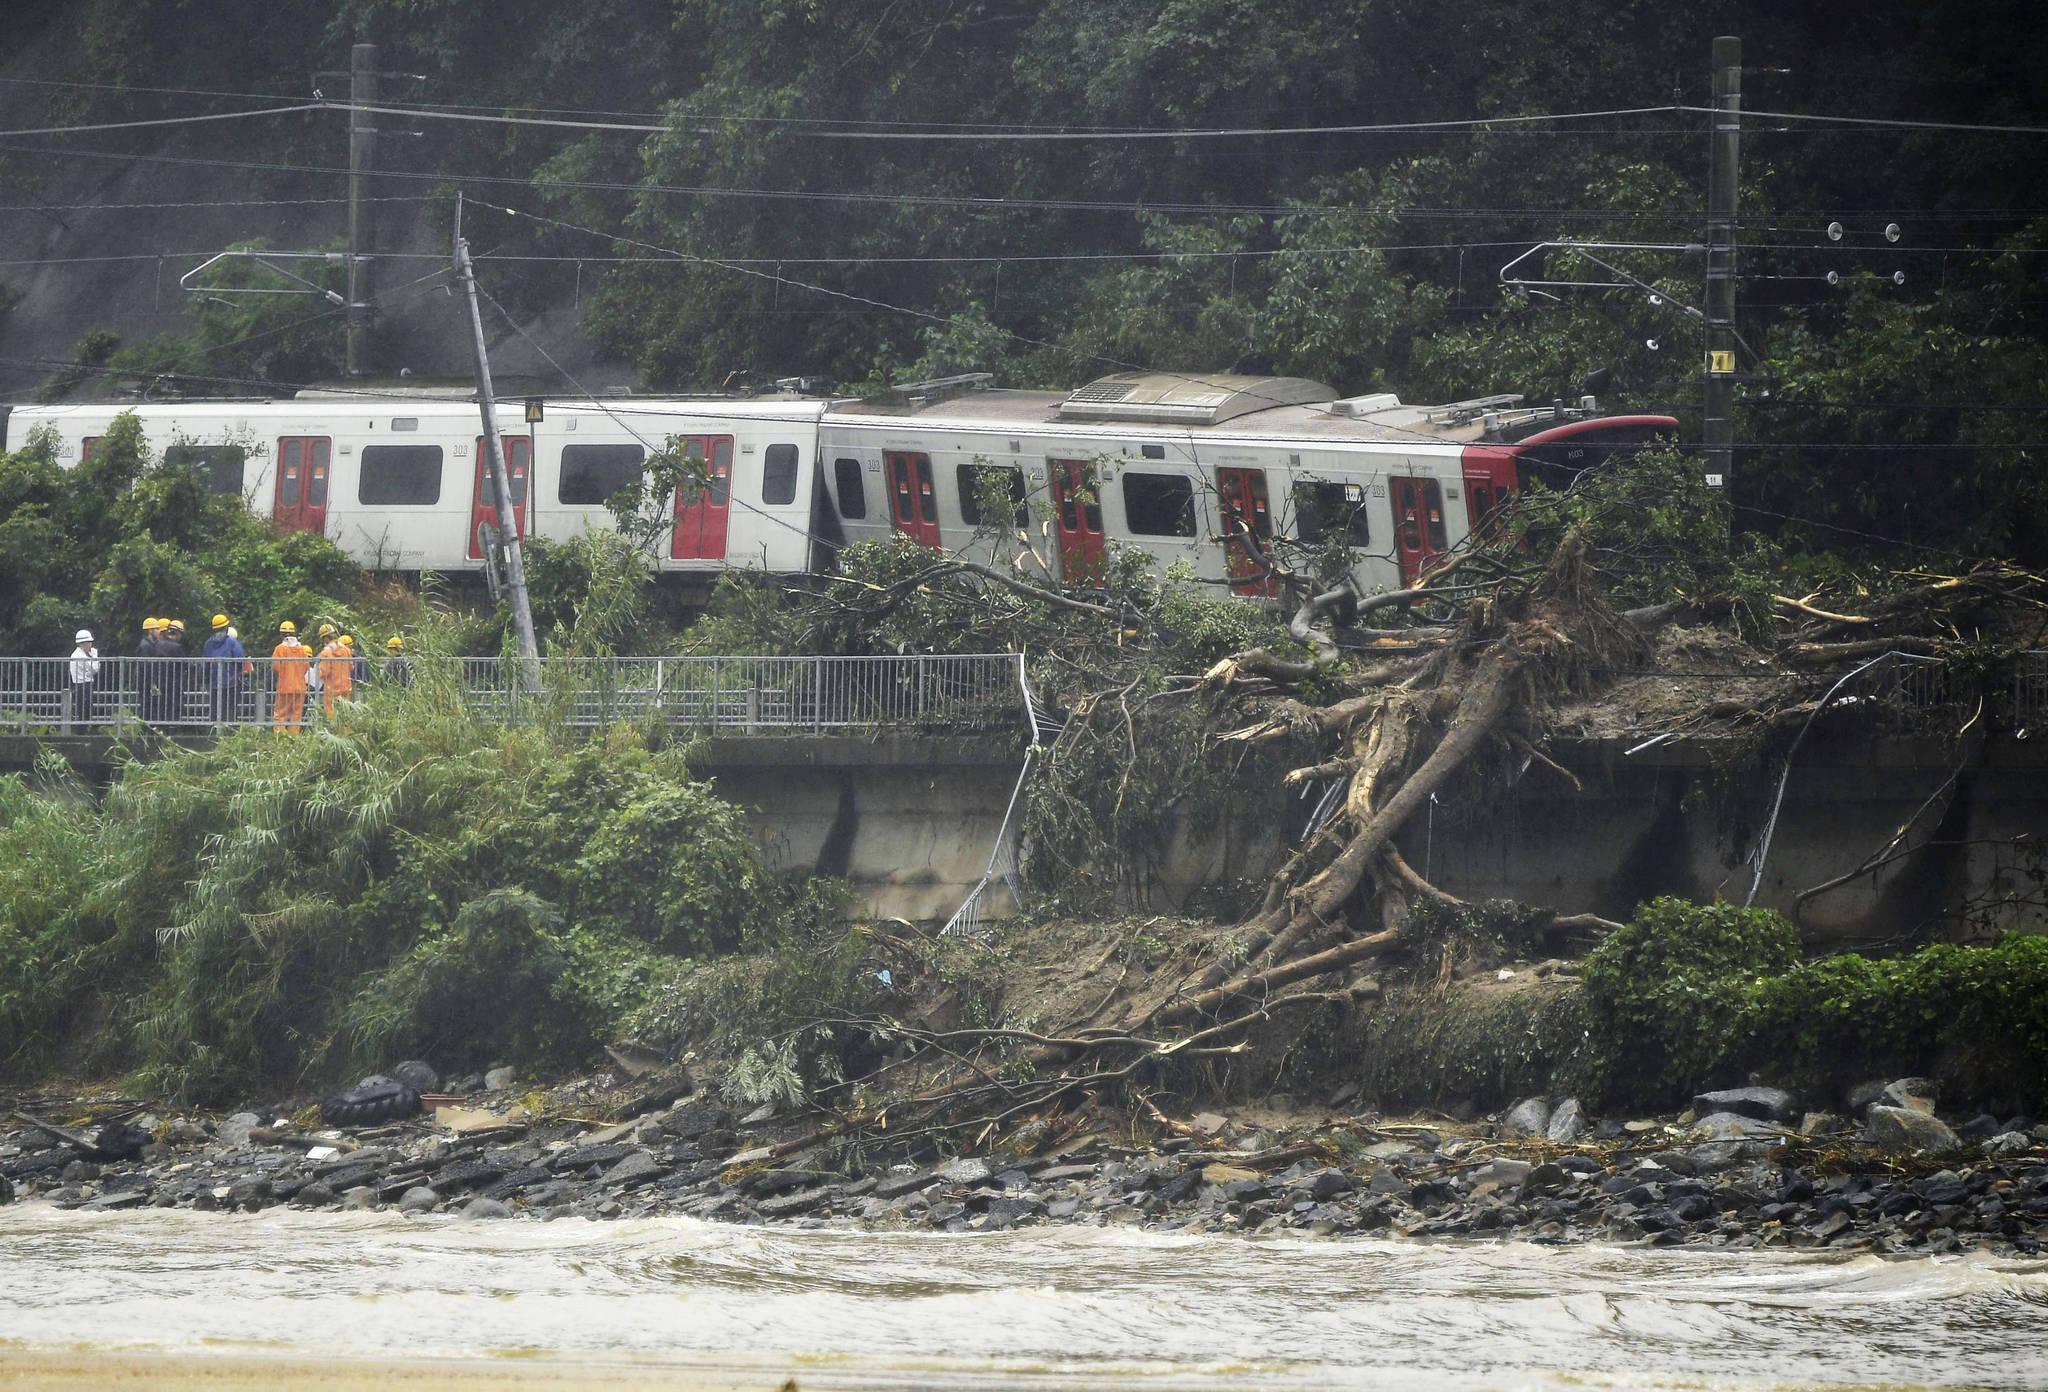 7 일 일본 남서부 사가 현 카라 츠 (Karatsu)에서 산사태로 인해 기차가 탈선해 있다. [AP=연합뉴스]